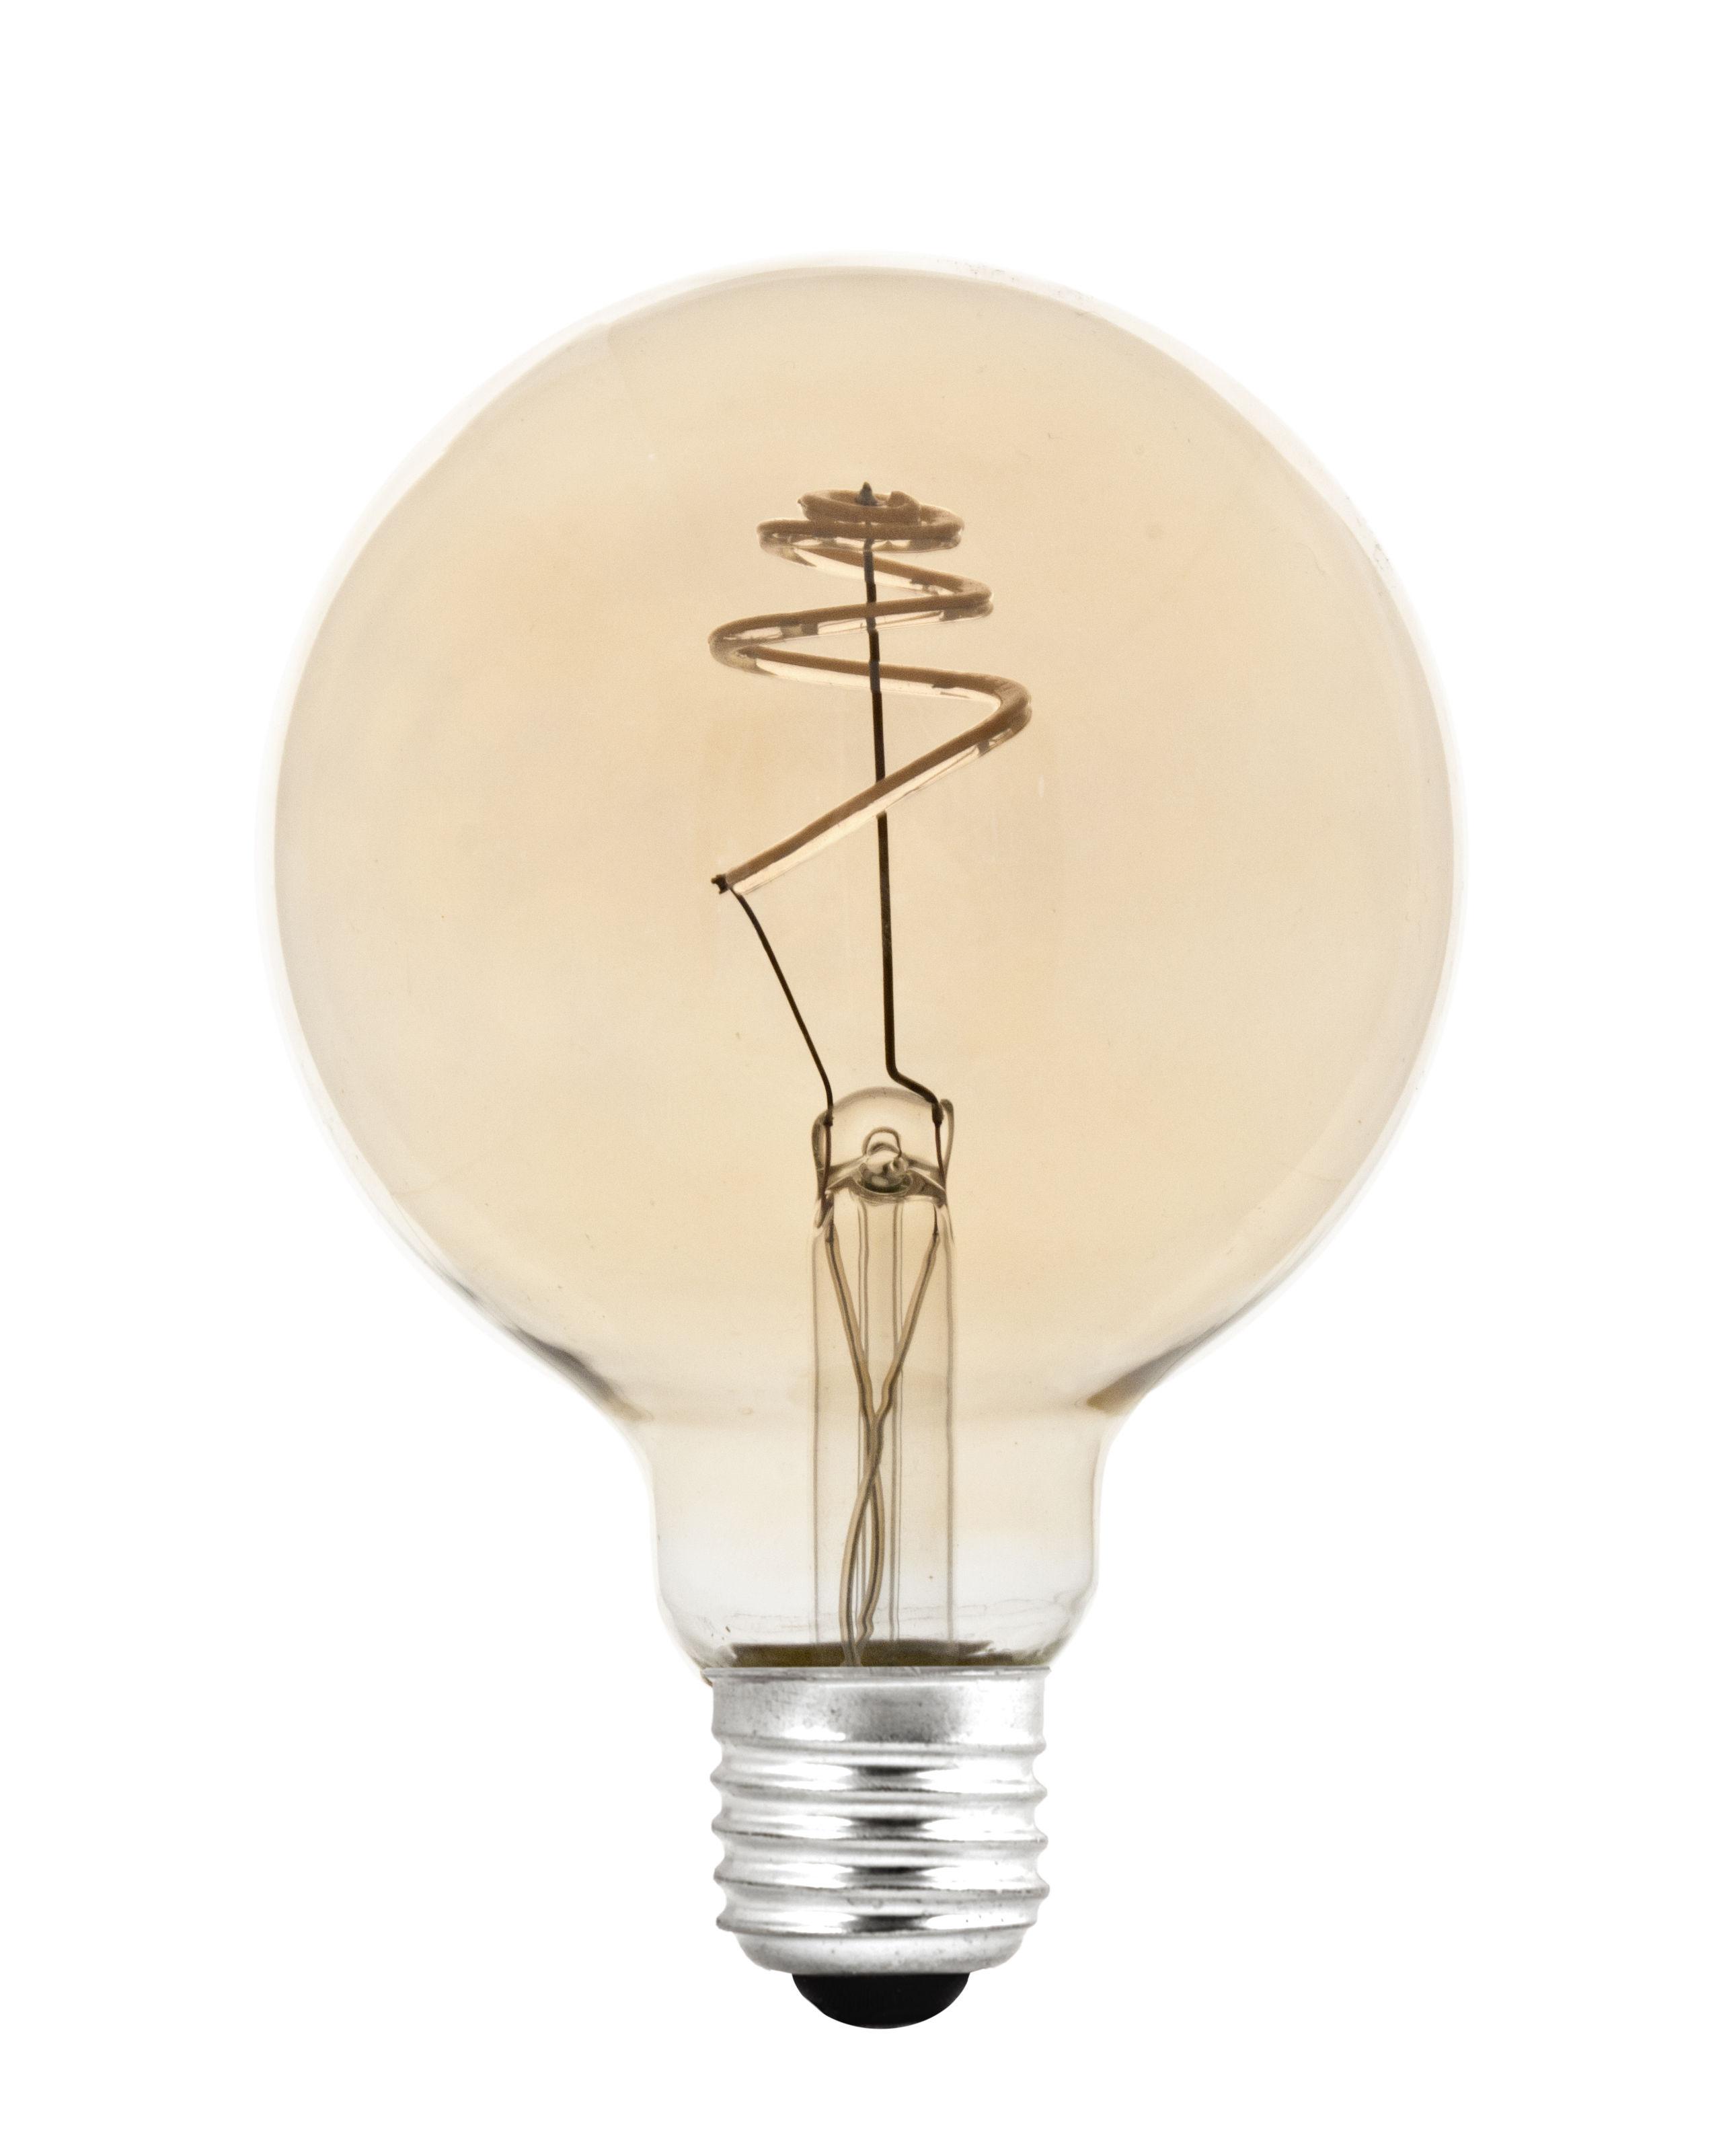 Luminaire - Ampoules et accessoires - Ampoule LED filaments E27 Shanghai SPIRAL / 4,5W= 45W - Pop Corn - SPIRAL / Doré - Verre